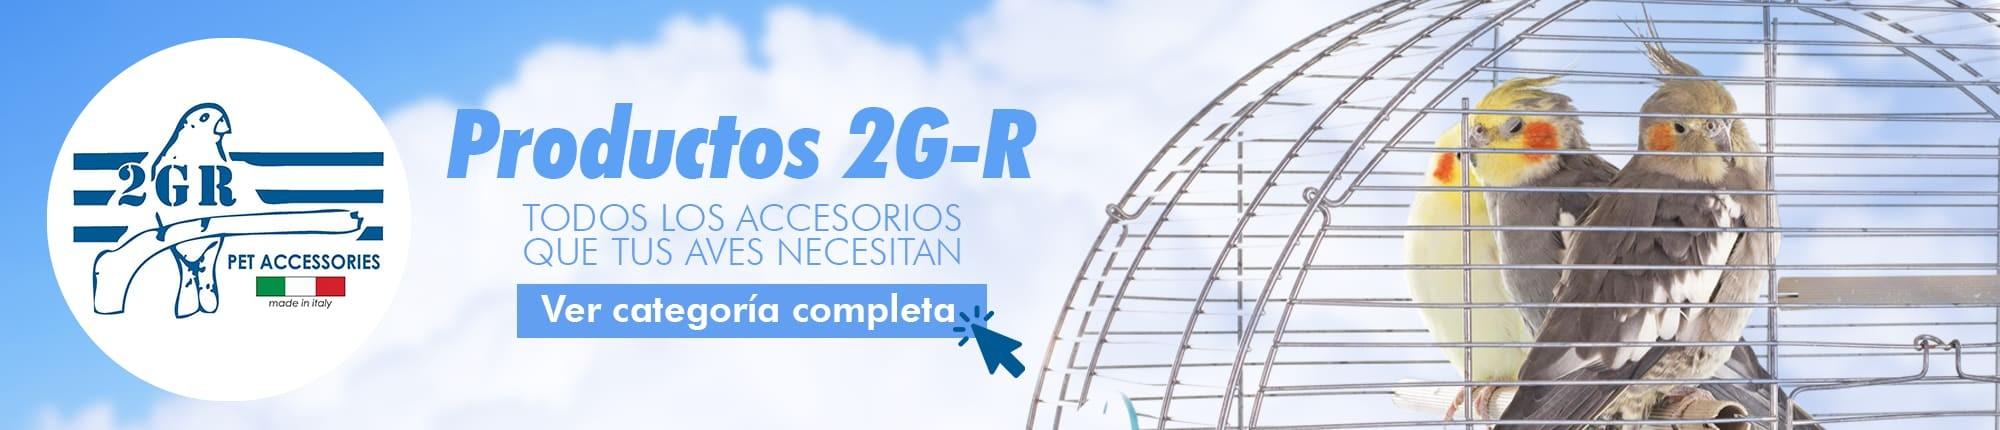 Productos 2G-R